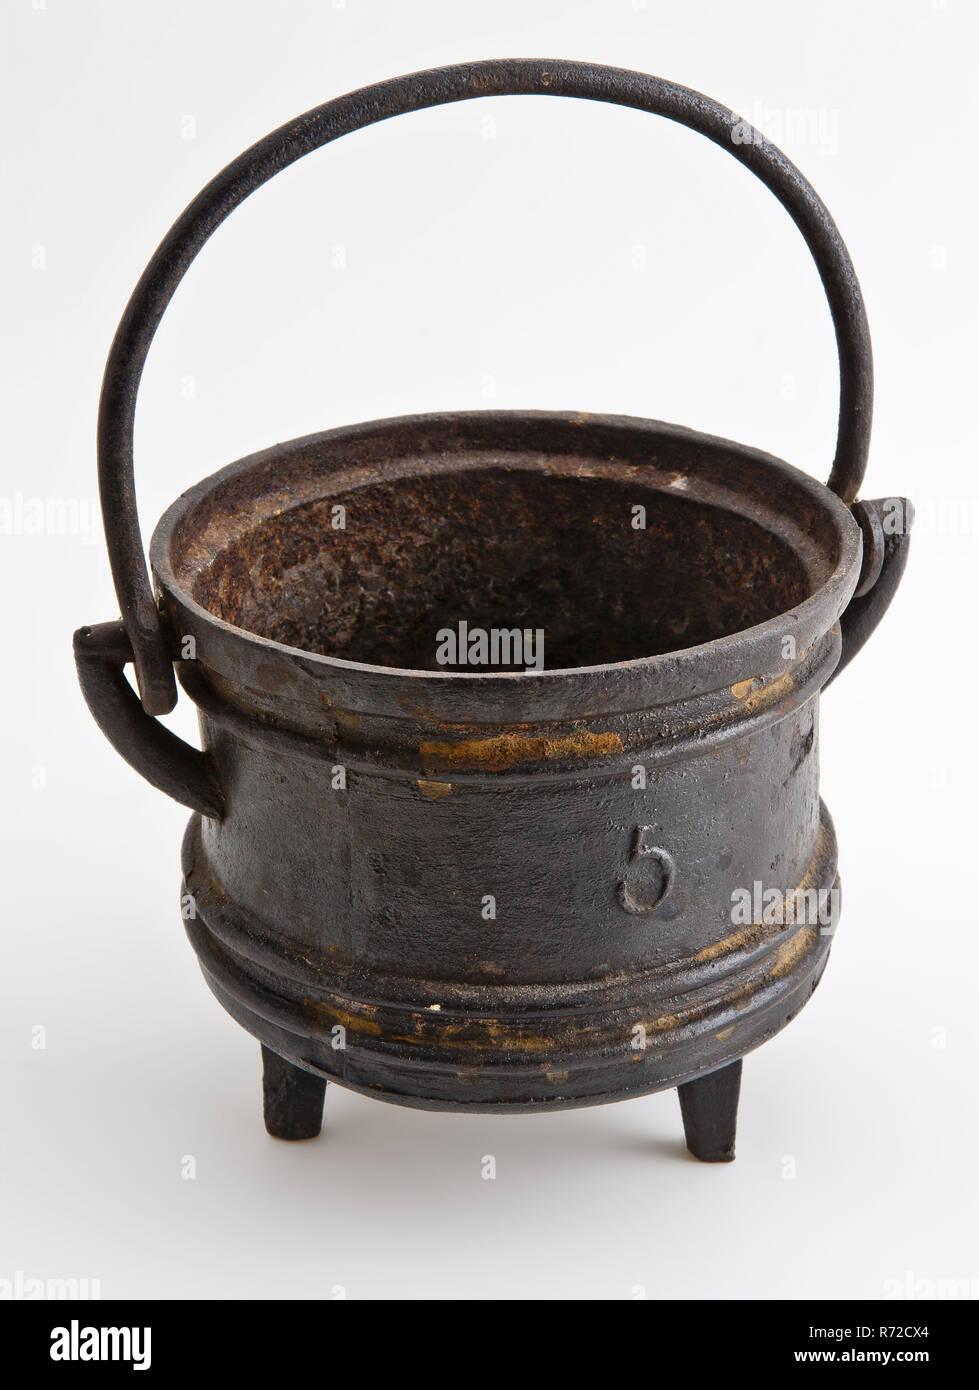 Ghisa Crogiolo Di Fusione Con Maniglia Segnato 5 Melting Pot Pot